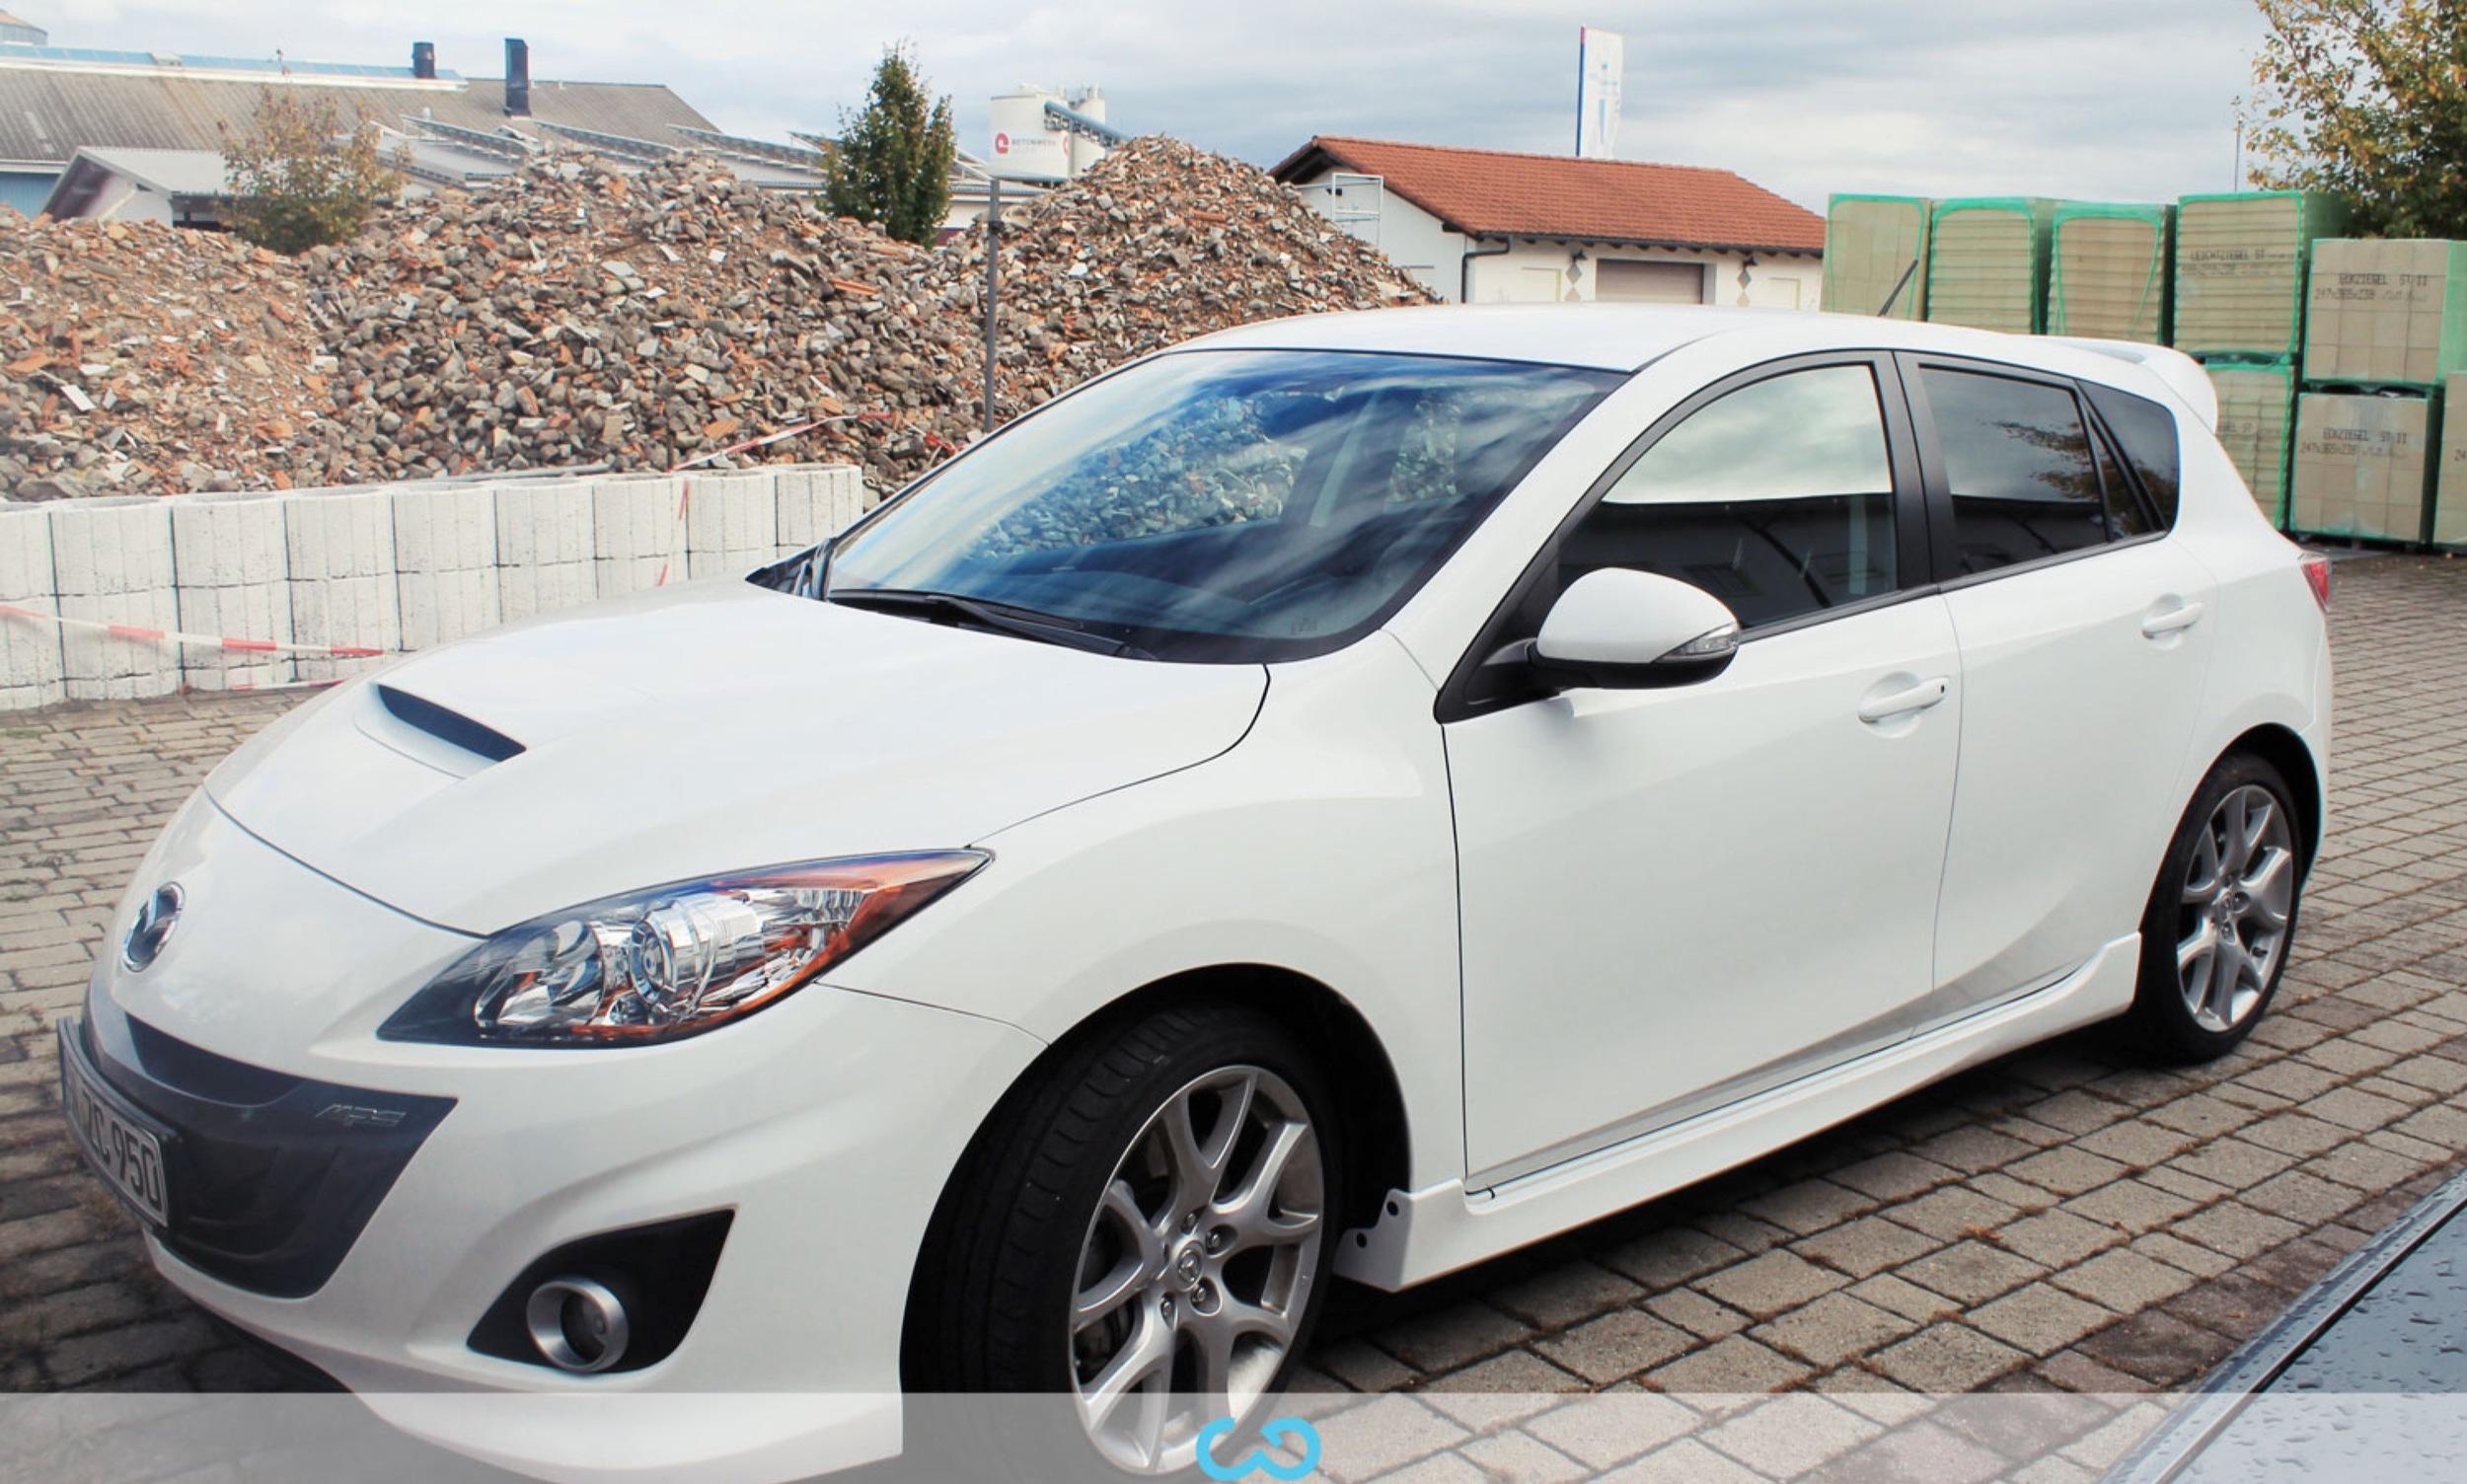 autofolierung-car-wrapping-2-vollfolierung-mazda-weiss-2012-10-07-2.jpg